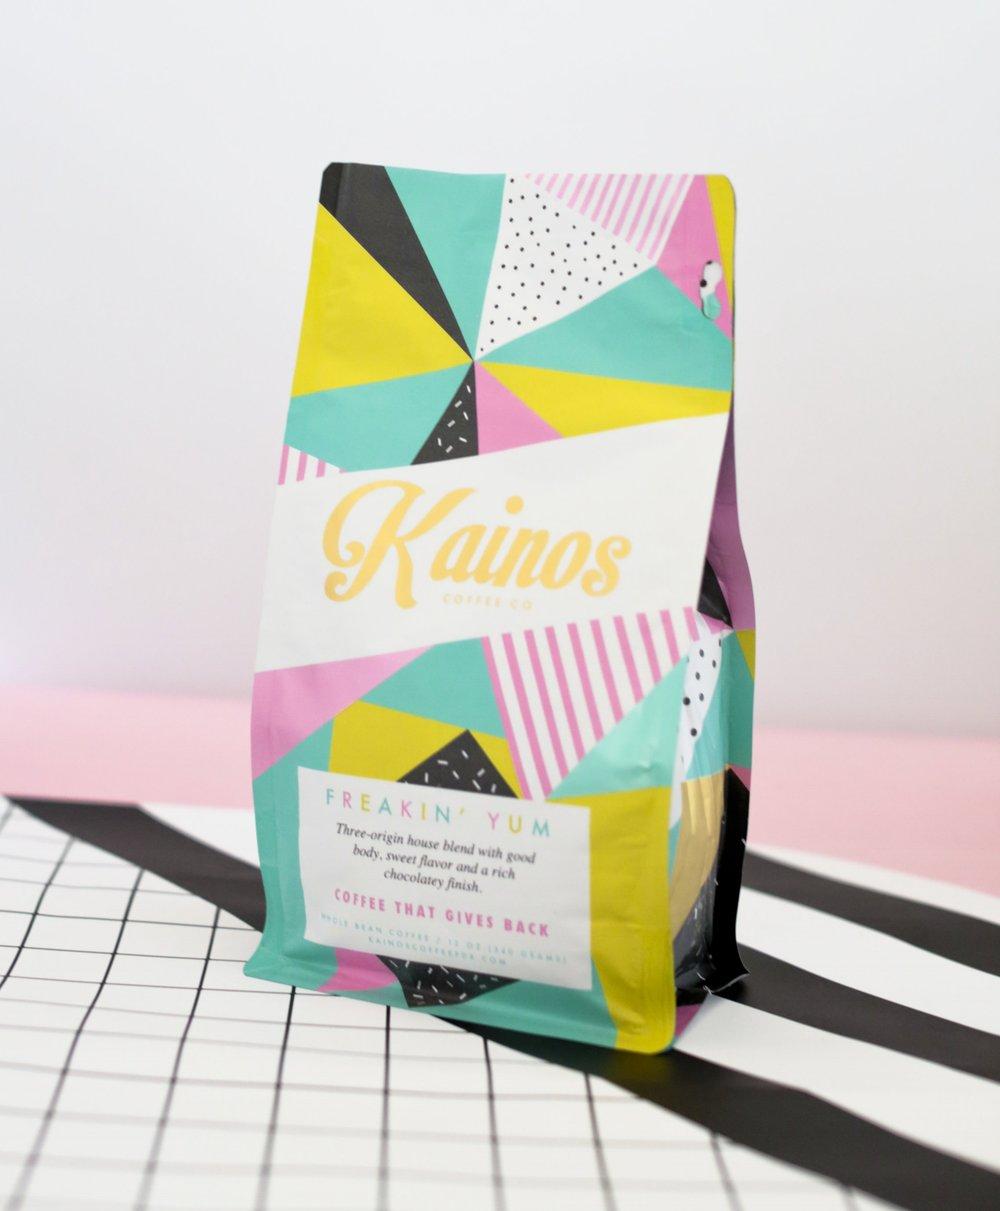 kainoscoffee-fullbag.yum36.JPG